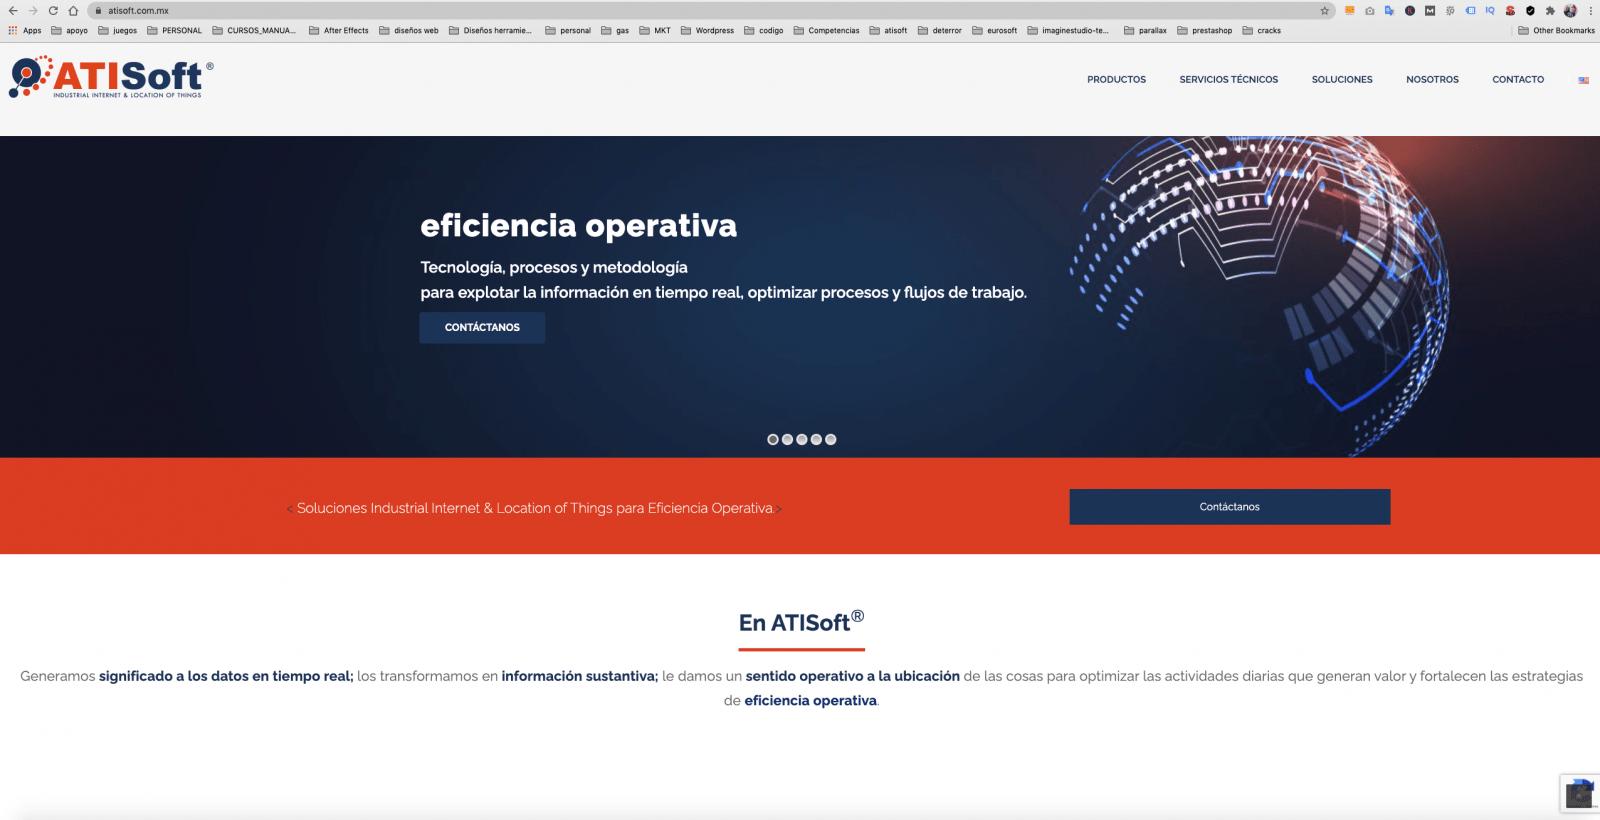 diseño de pagina web atisoft